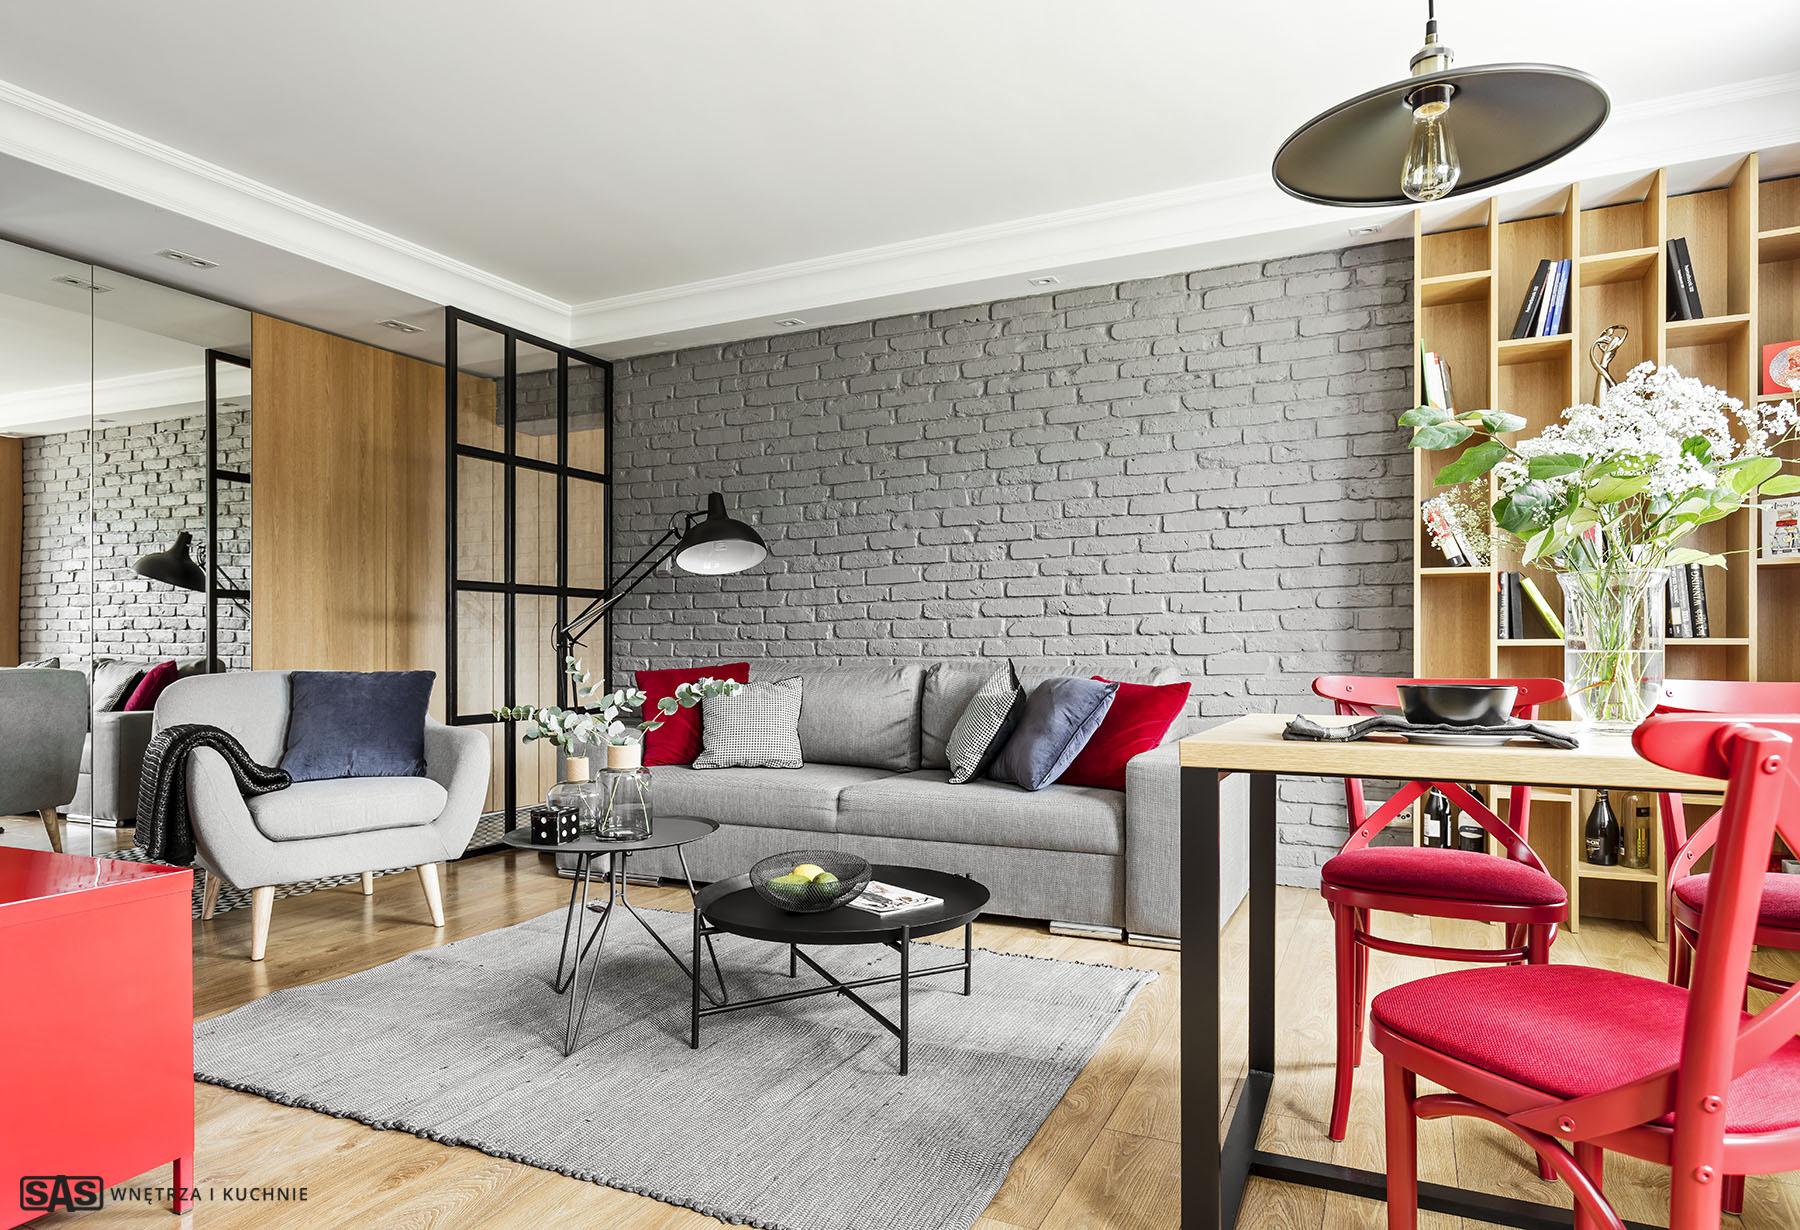 Aranżacja salonu ze strefa jadalną - meble na wymiar wykonanie SAS Wnętrza i Kuchnie - projekt architekt wnętrz Emilia Strzempek Plasun.